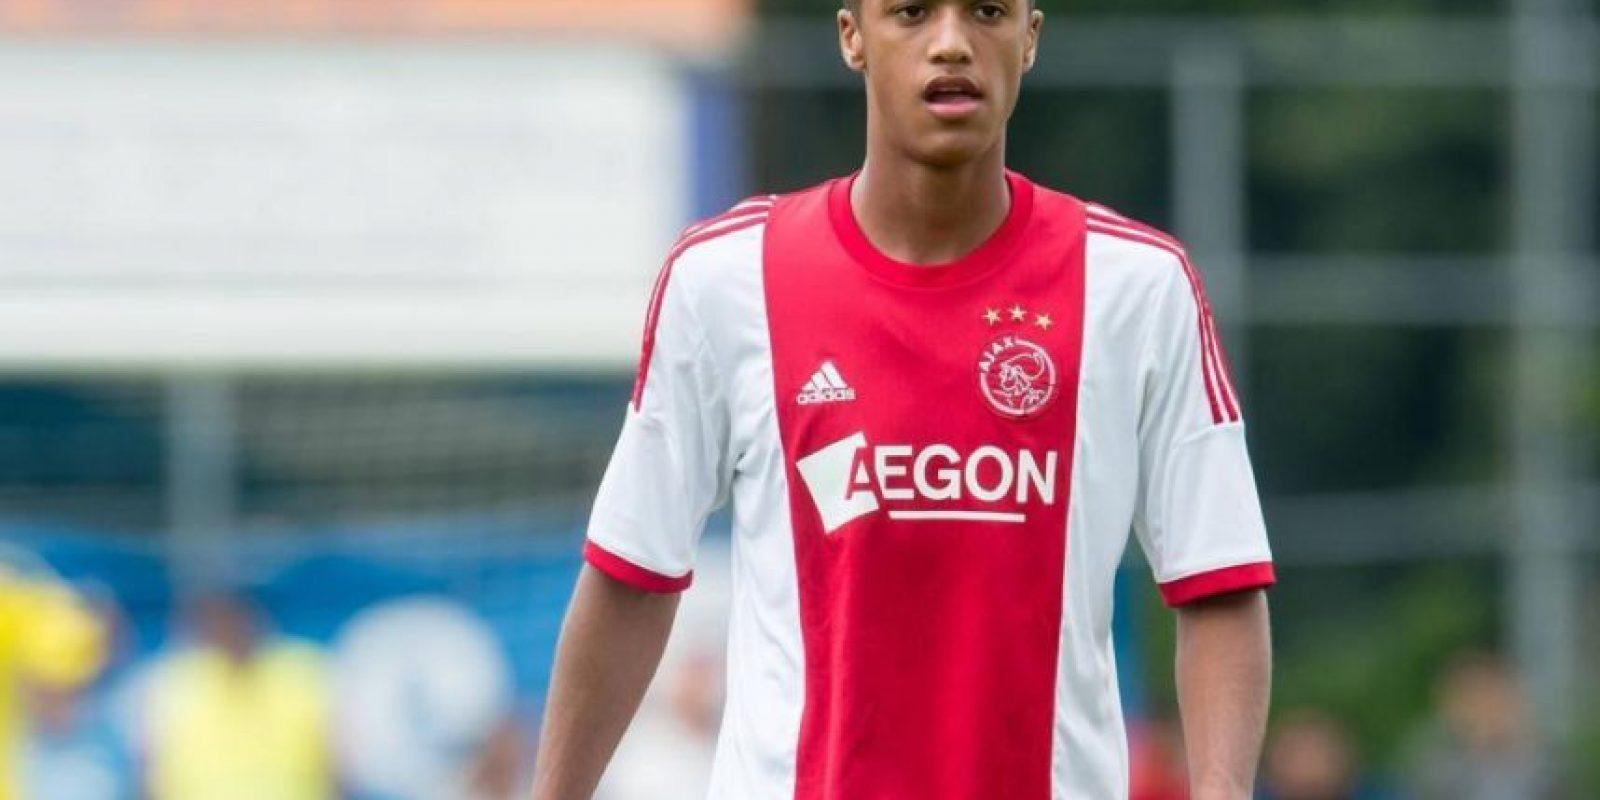 26. Richardo Zivkovic. Con 18 años, al igual que Luis Suárez y Arjen Robben, pasó por el Groningen y ahora forma parte del Ajax Foto:Getty